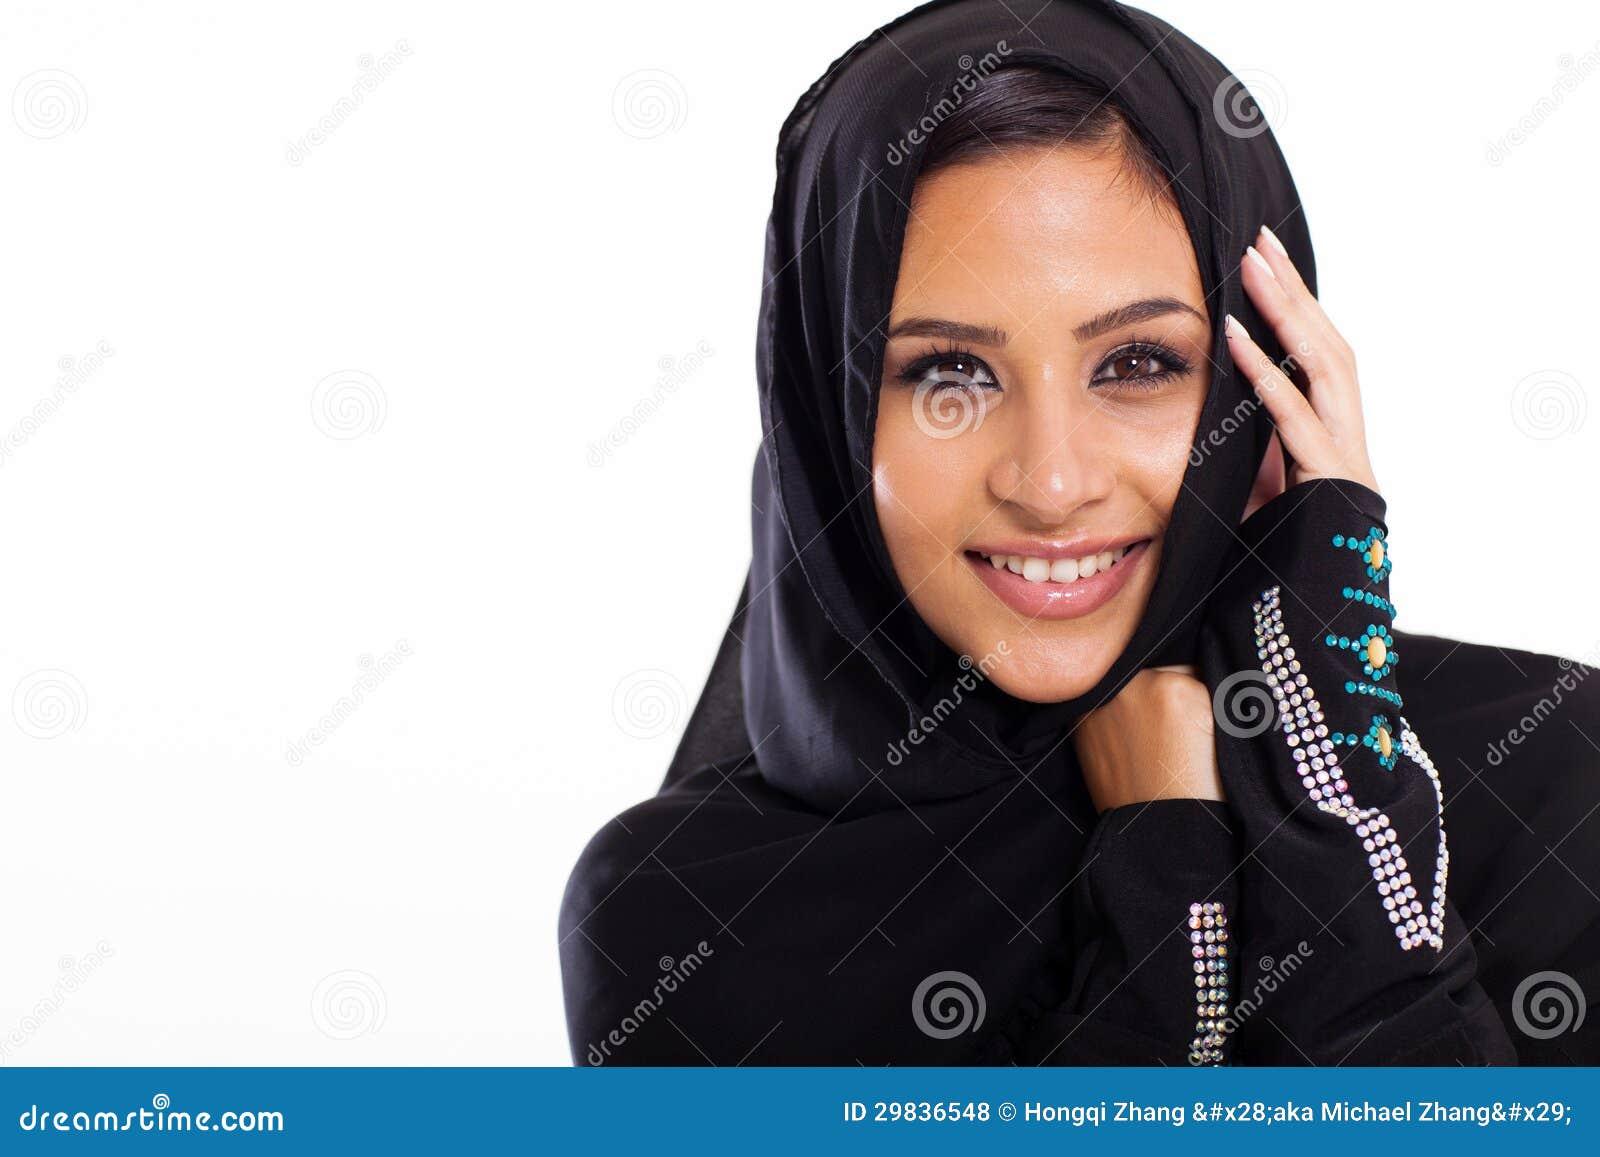 Moderne weibliche arabische schönheit auf weißem hintergrund